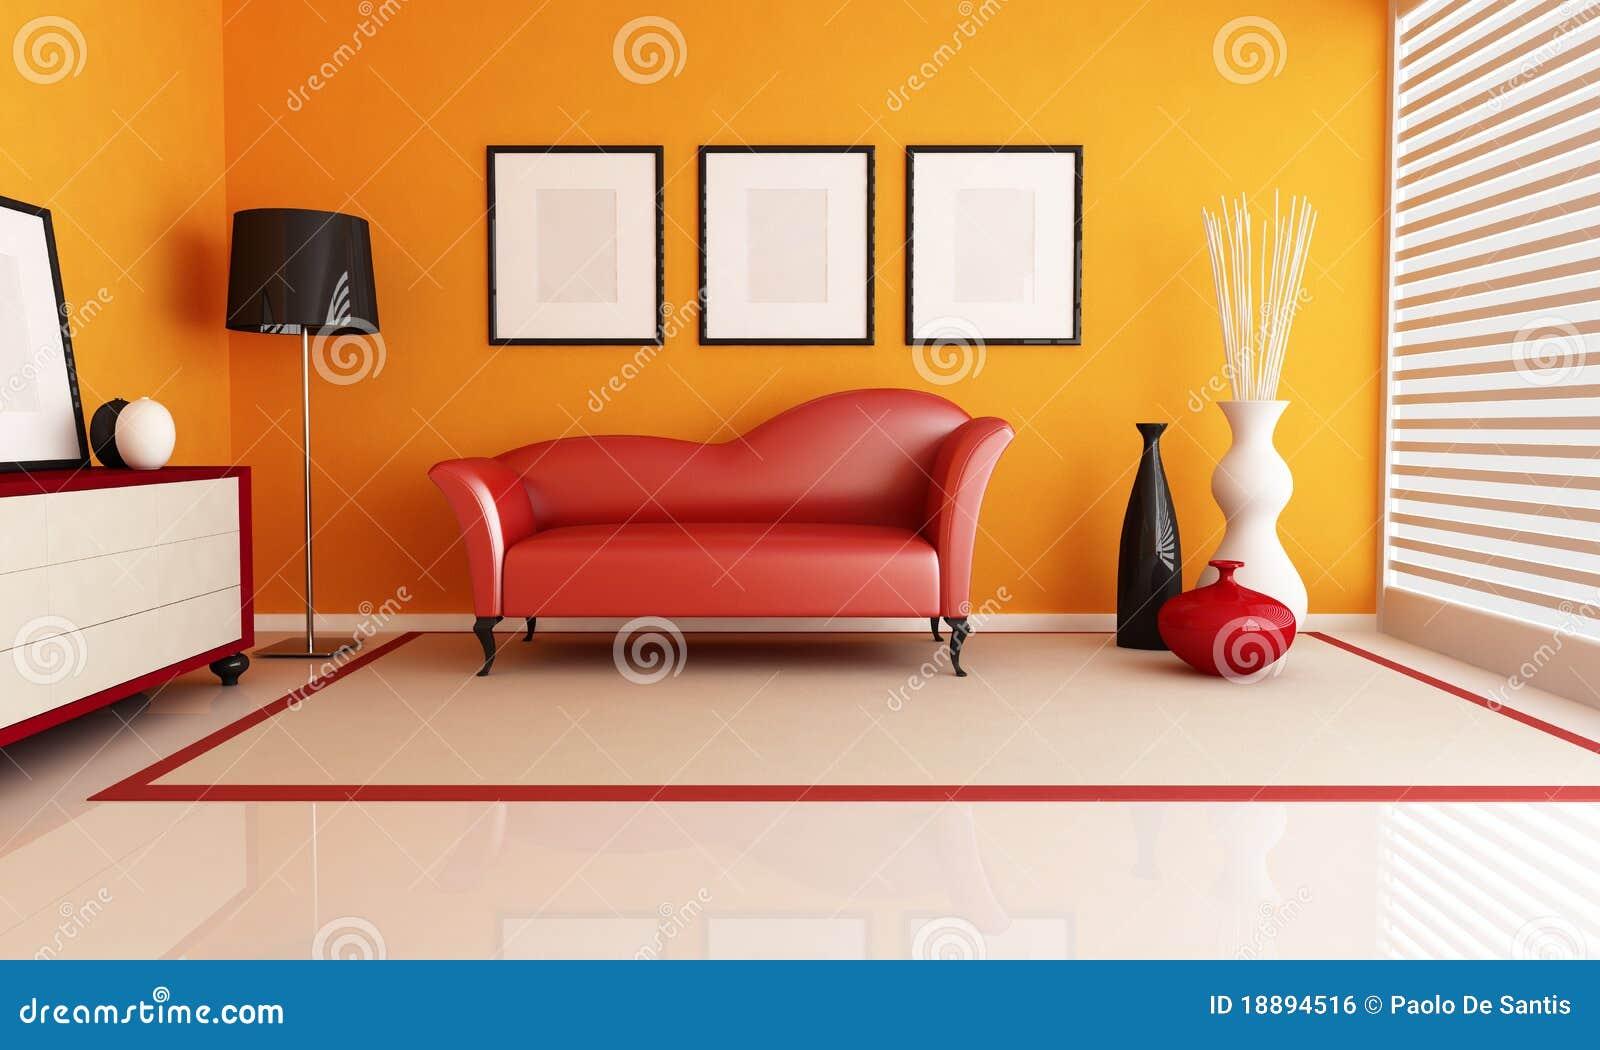 Orange Und Rotes Wohnzimmer Lizenzfreies Stockbild